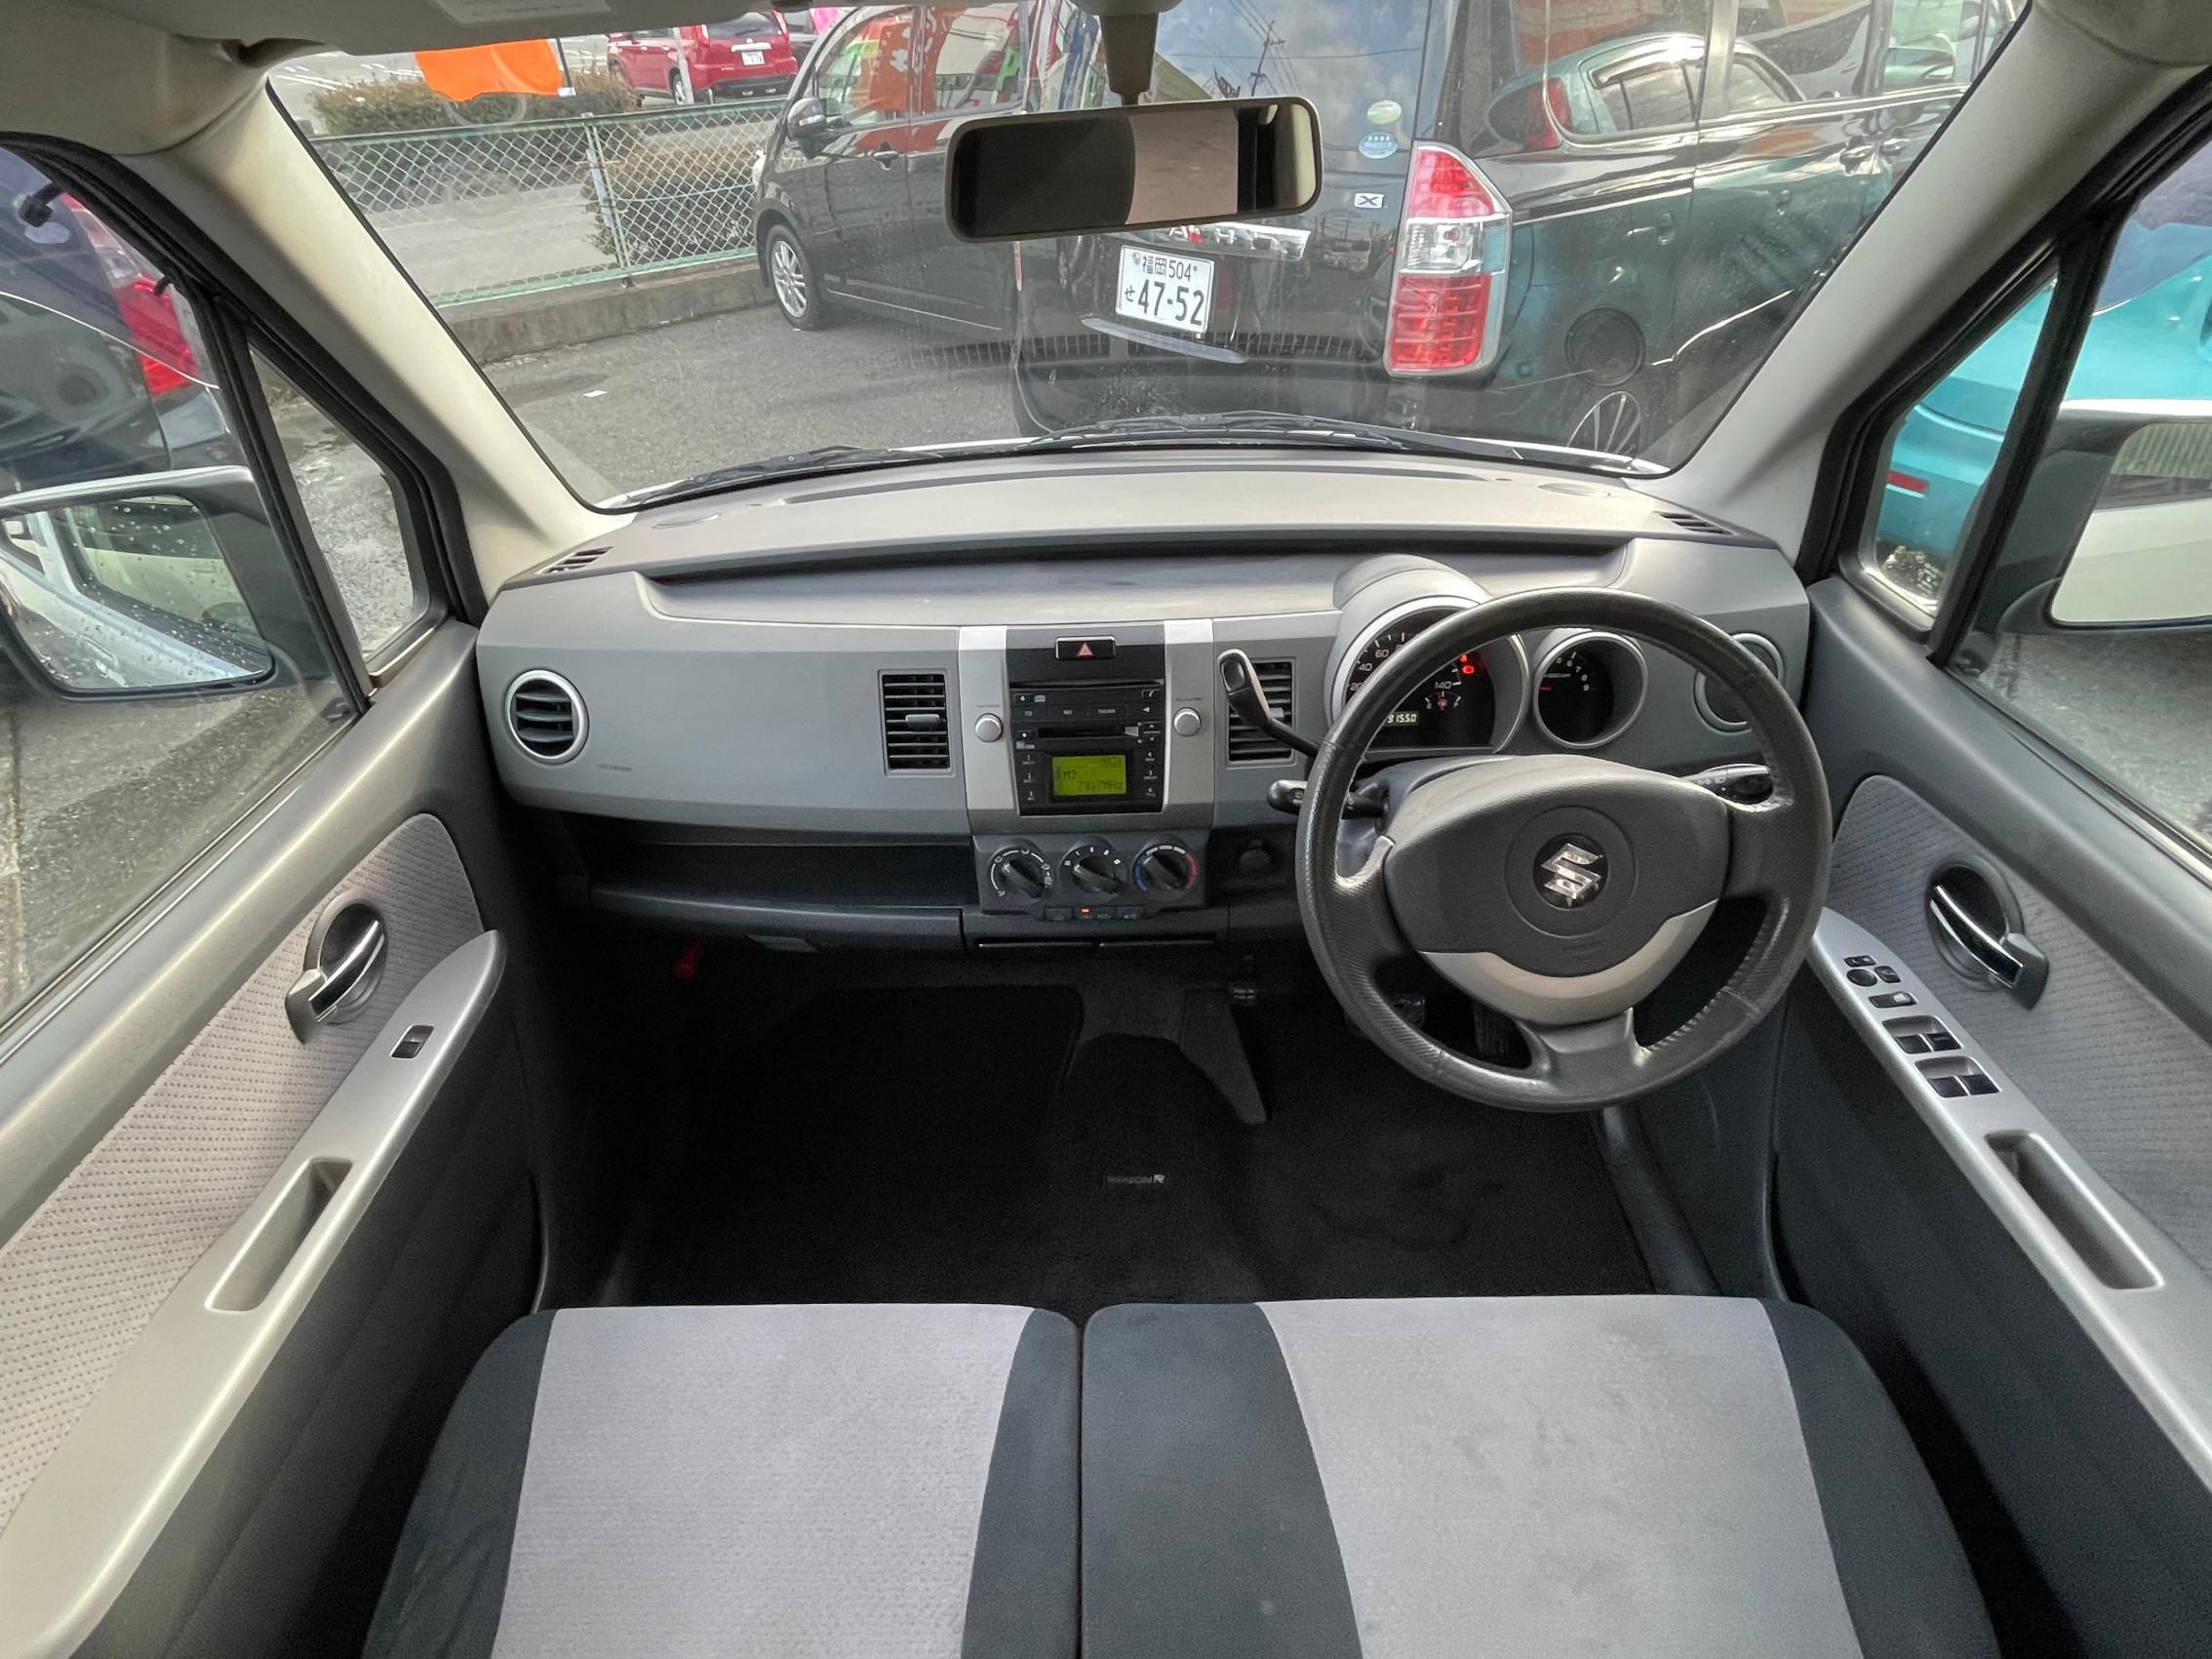 ワゴンR FX-Sリミテッド CD スマートキー 純正エアロ 後期モデル Tチェーン